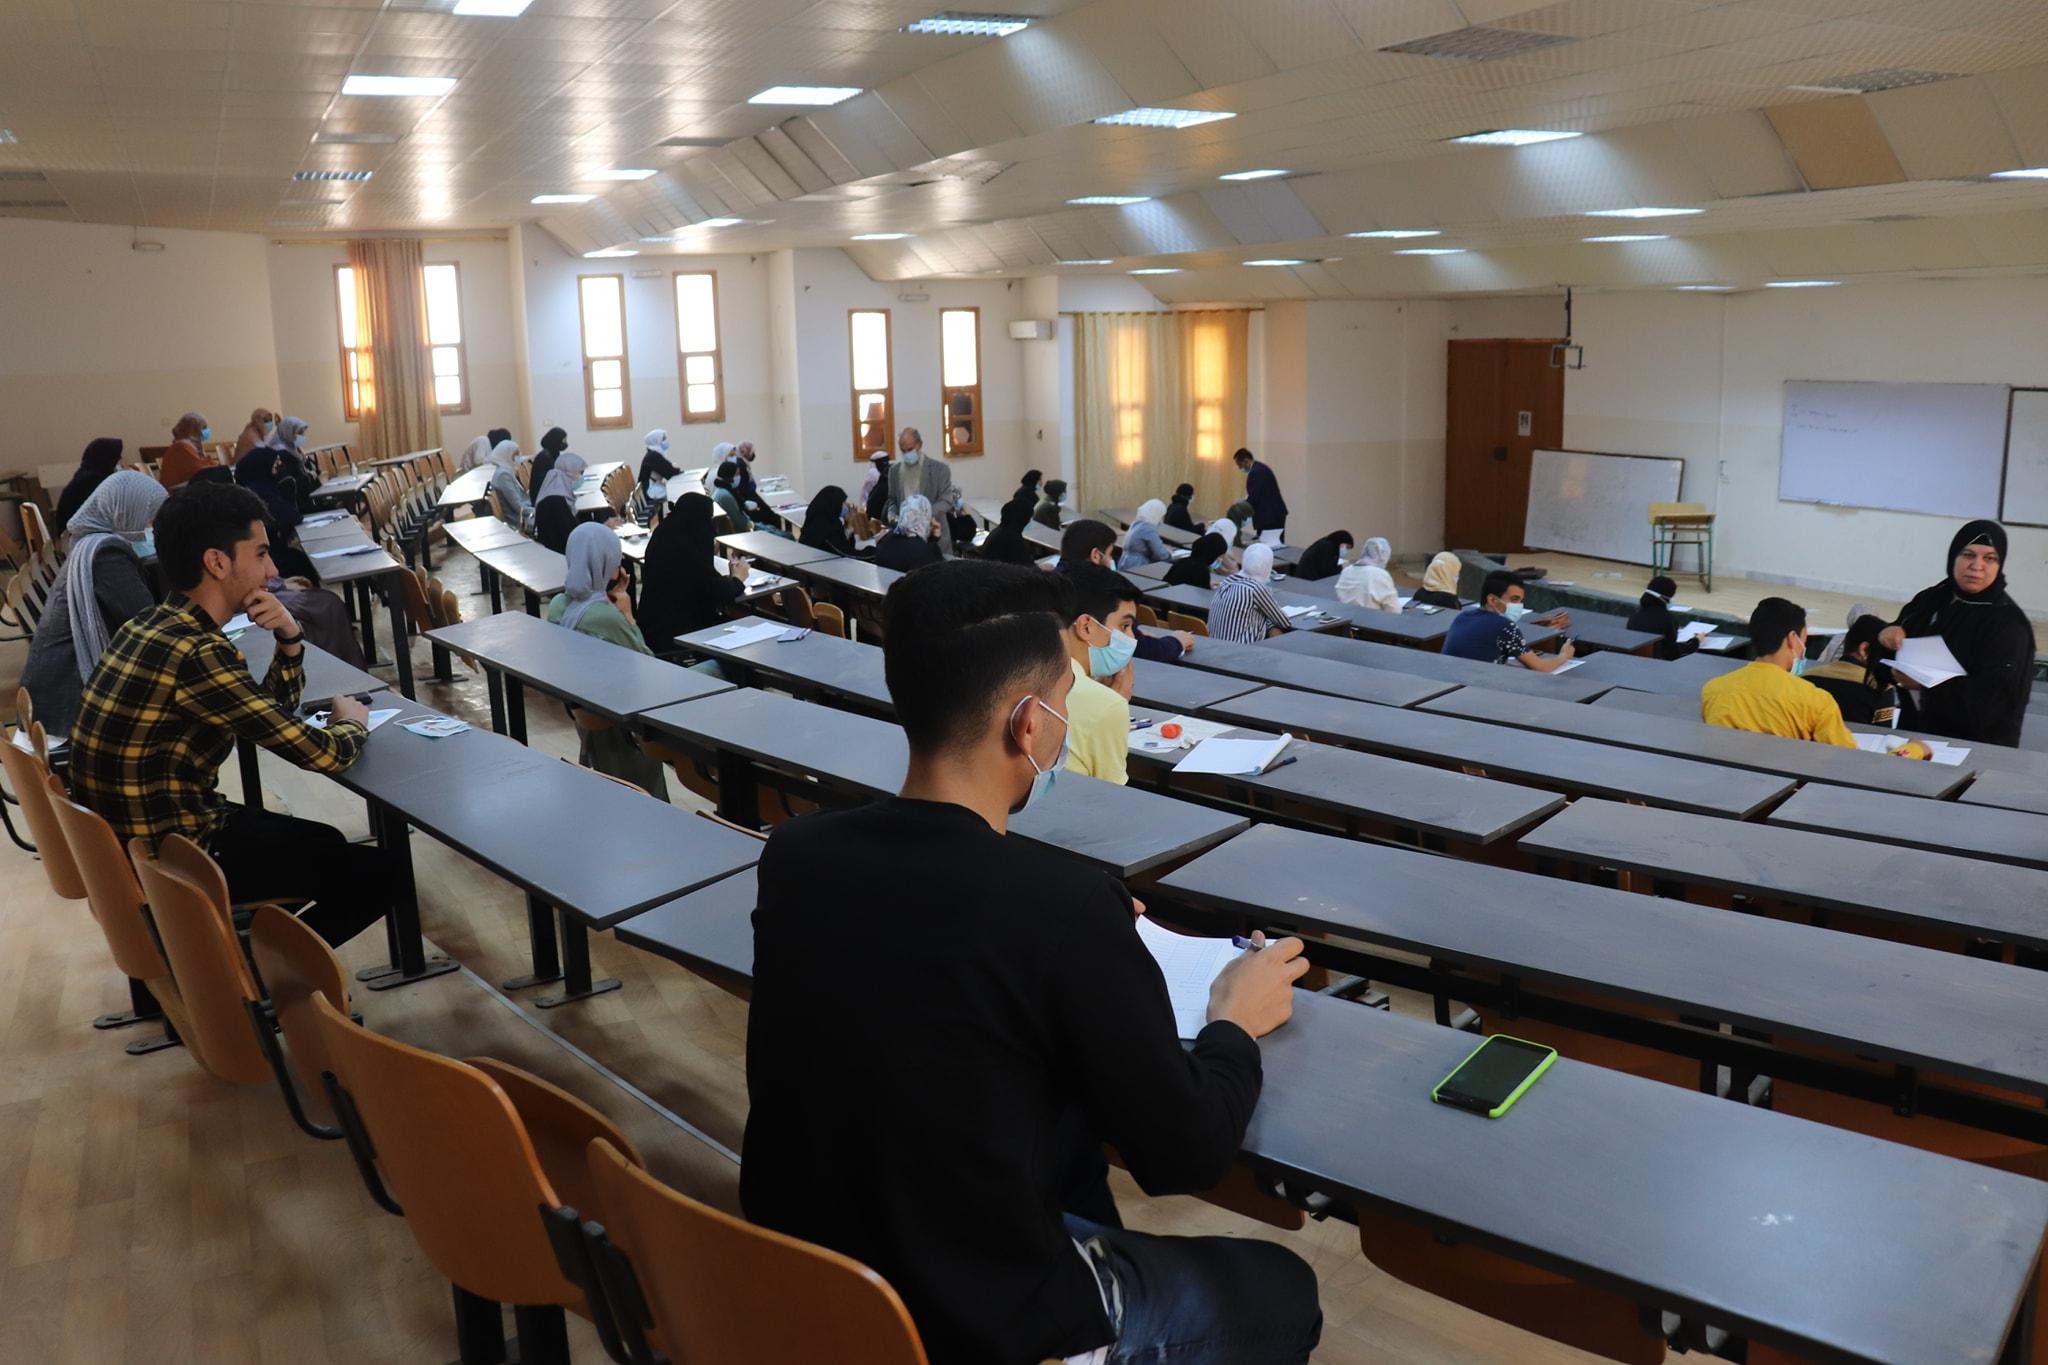 إنطلاق إمتحانات المفاضلة للكليات الطبية لقبول الطلبة الجدد للعام الدراسي 2021/2020 بجامعة صبراته